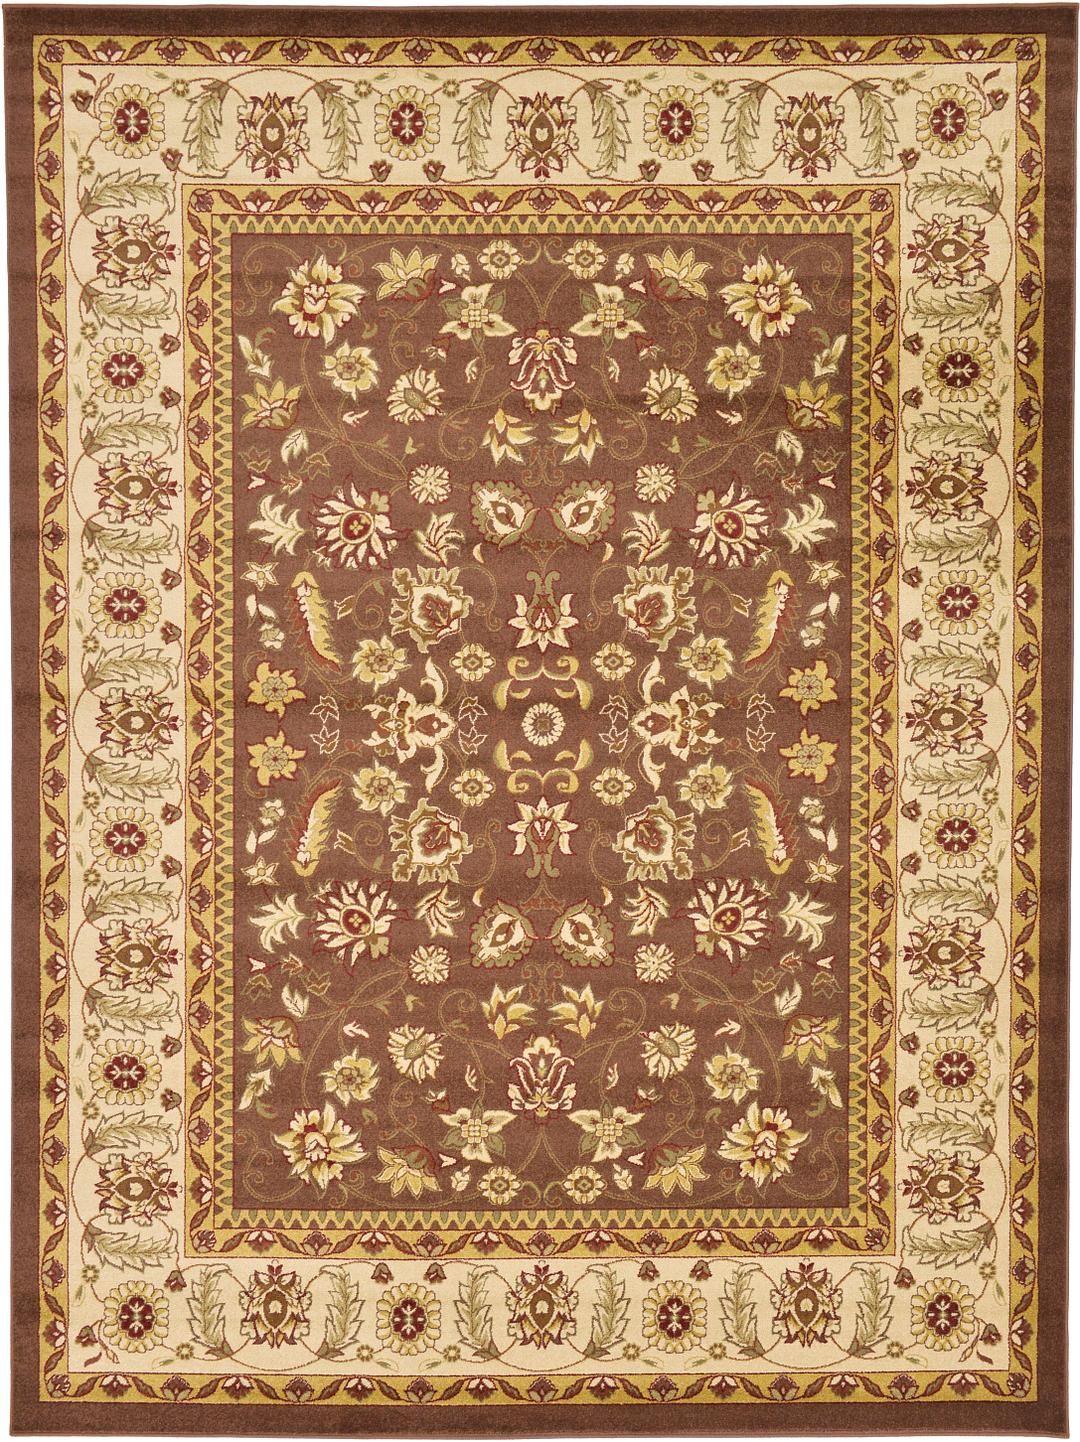 Brown 9' x 12' Kashan Design Rug | Area Rugs | eSaleRugs